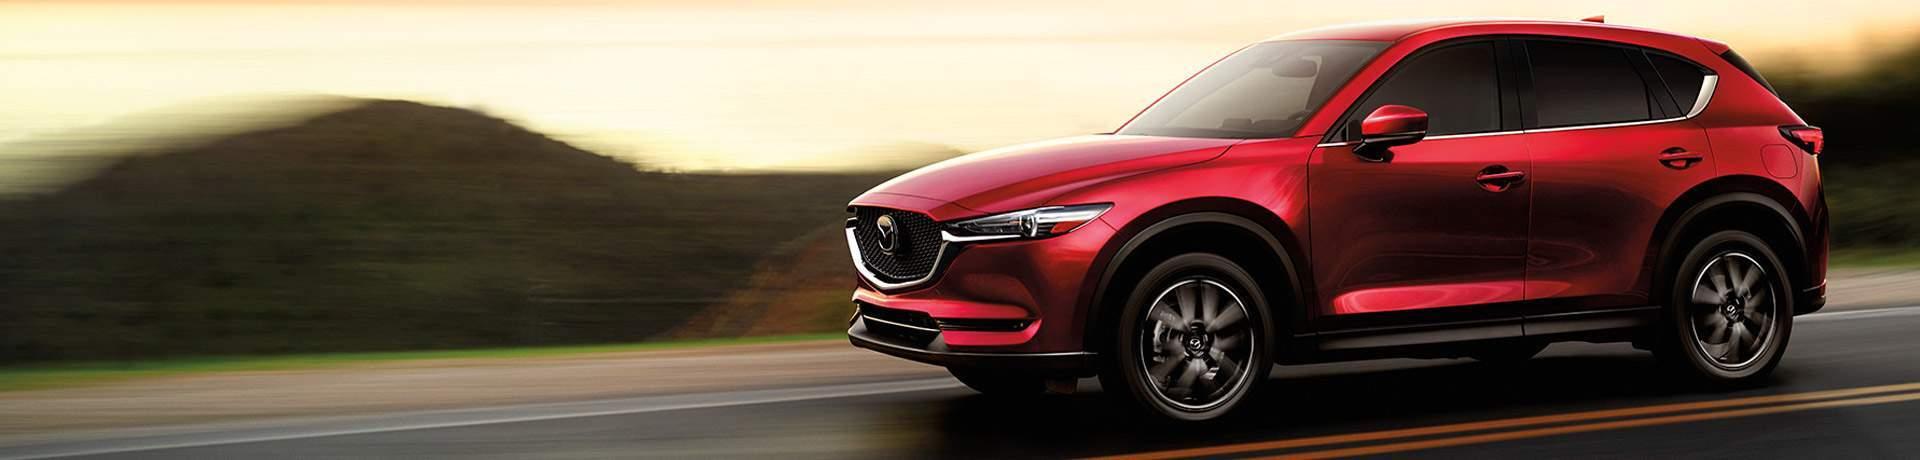 Buy The Mazda CX Mazda Dealership In Middletown NY - Mazda dealership ny